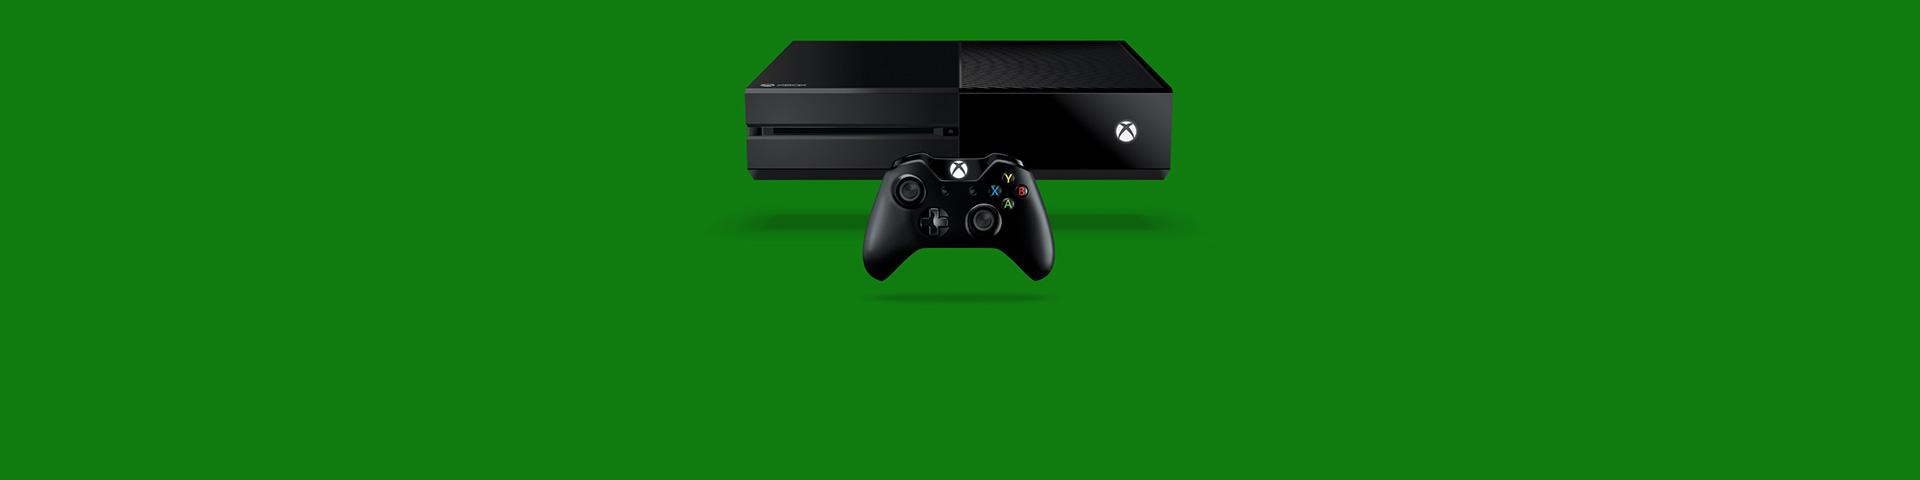 Xbox One konsolu ve kumandası, en yeni konsolları alın